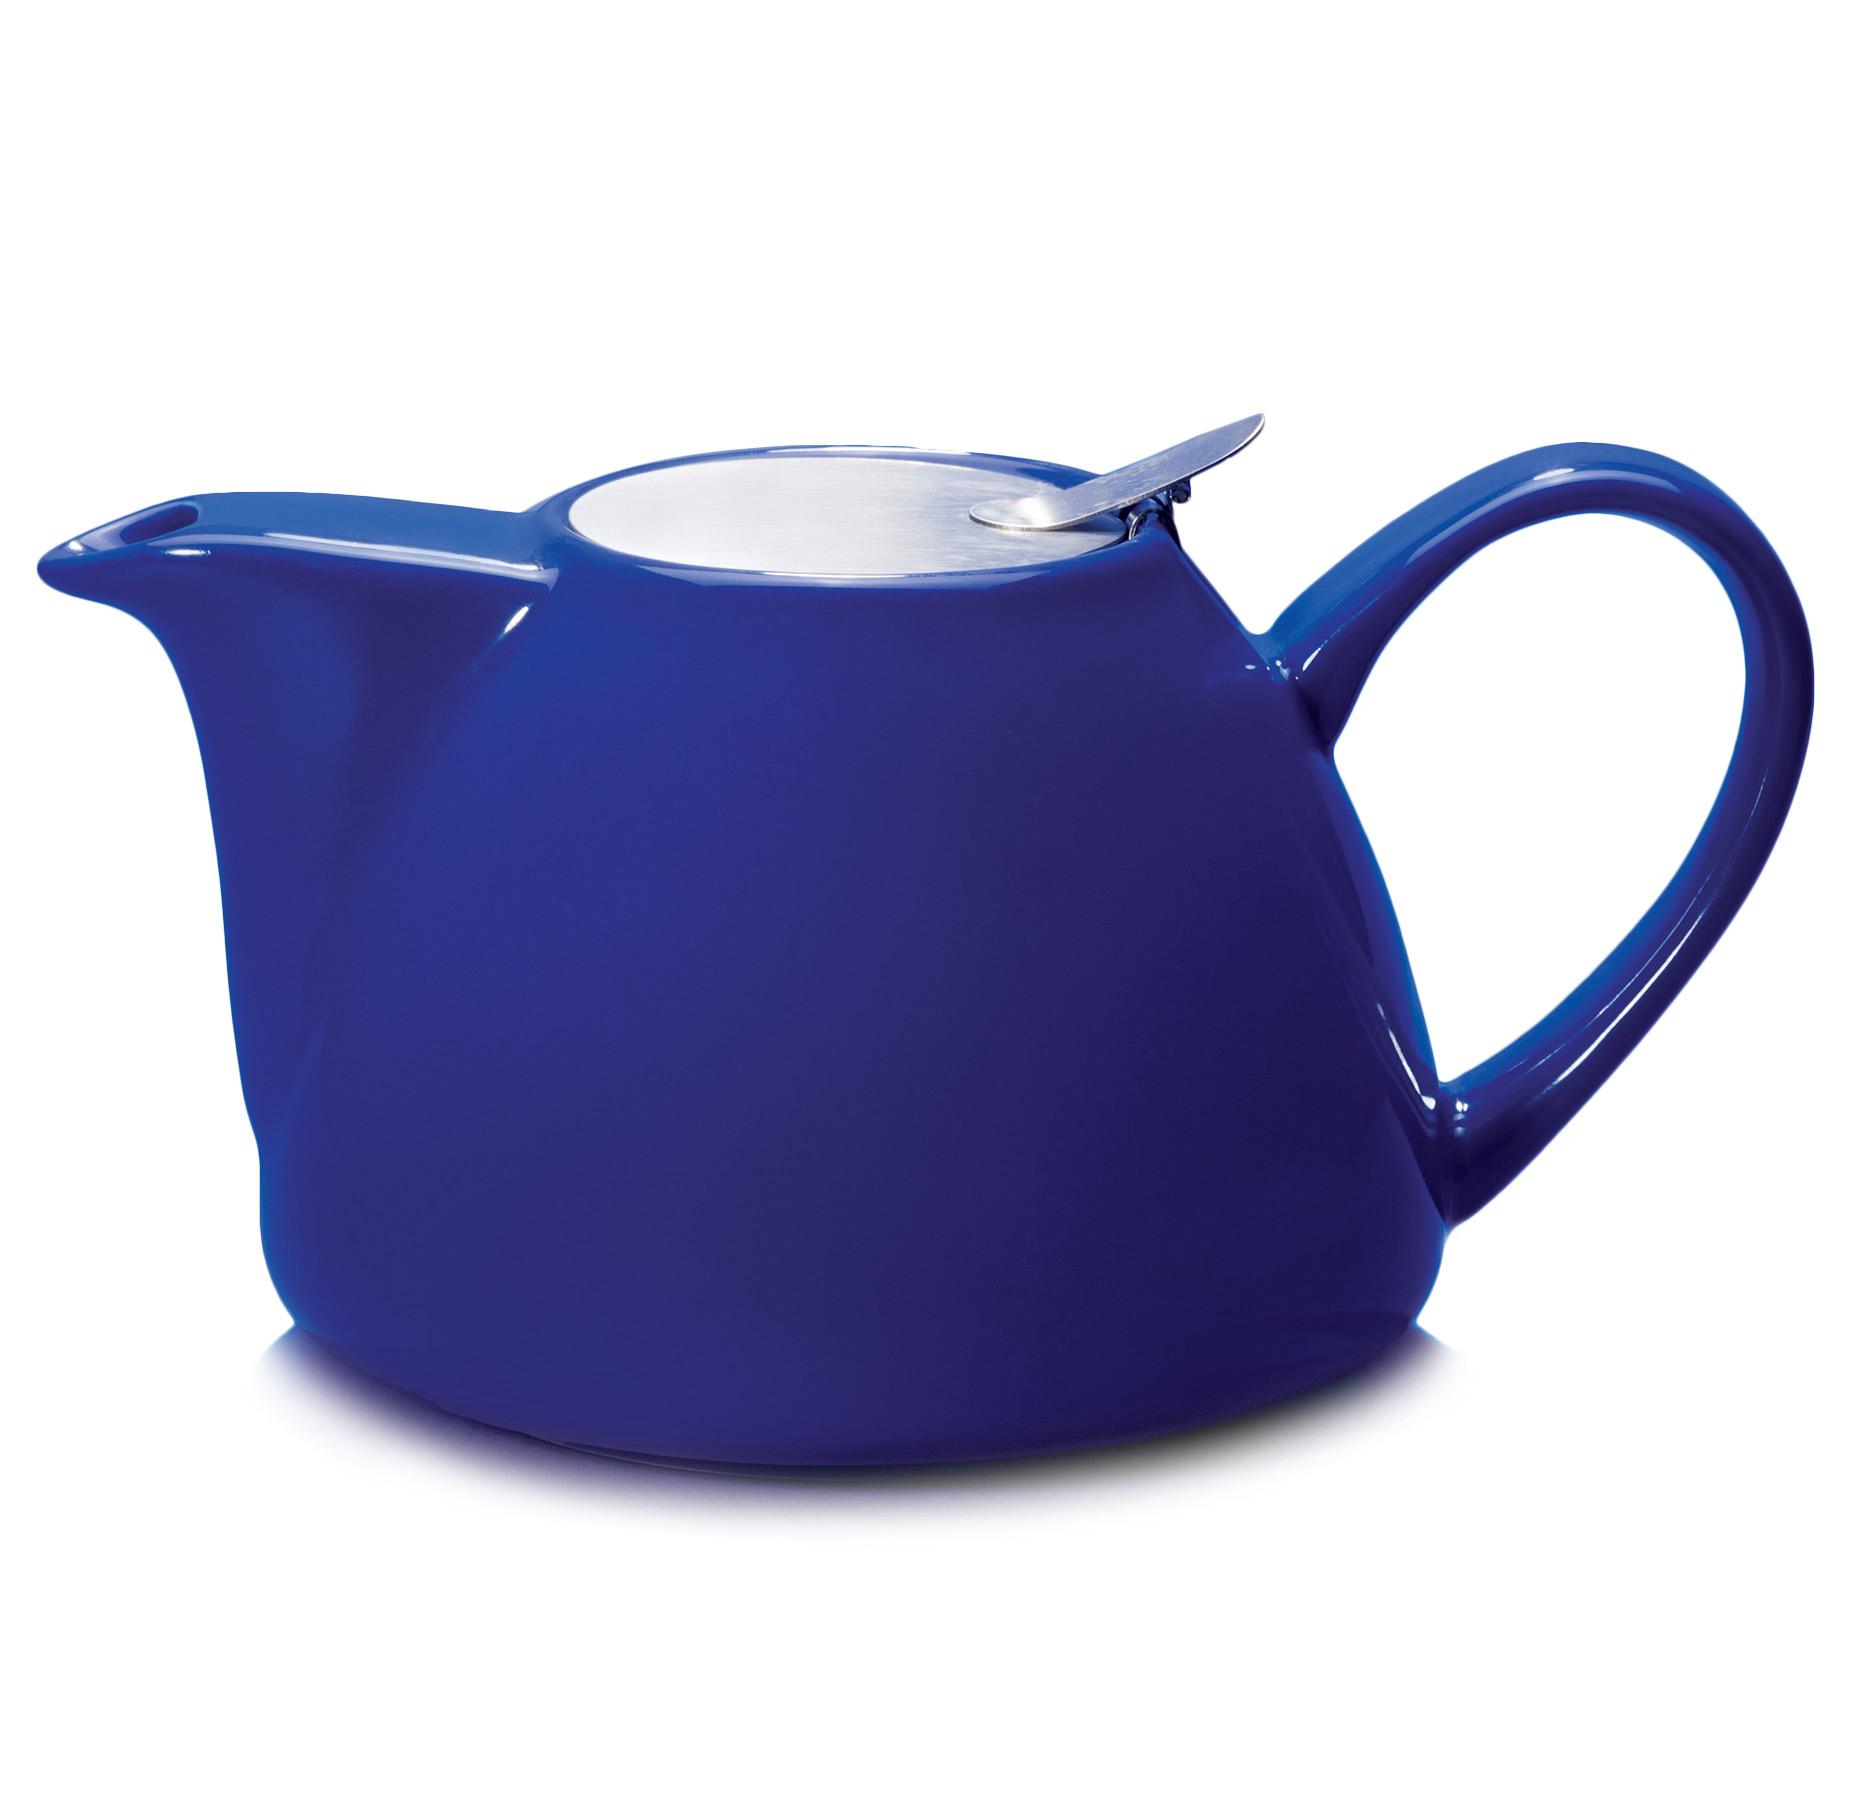 קנקן חליטה לתה עשוי פורצלן קיבולת 1200 מ